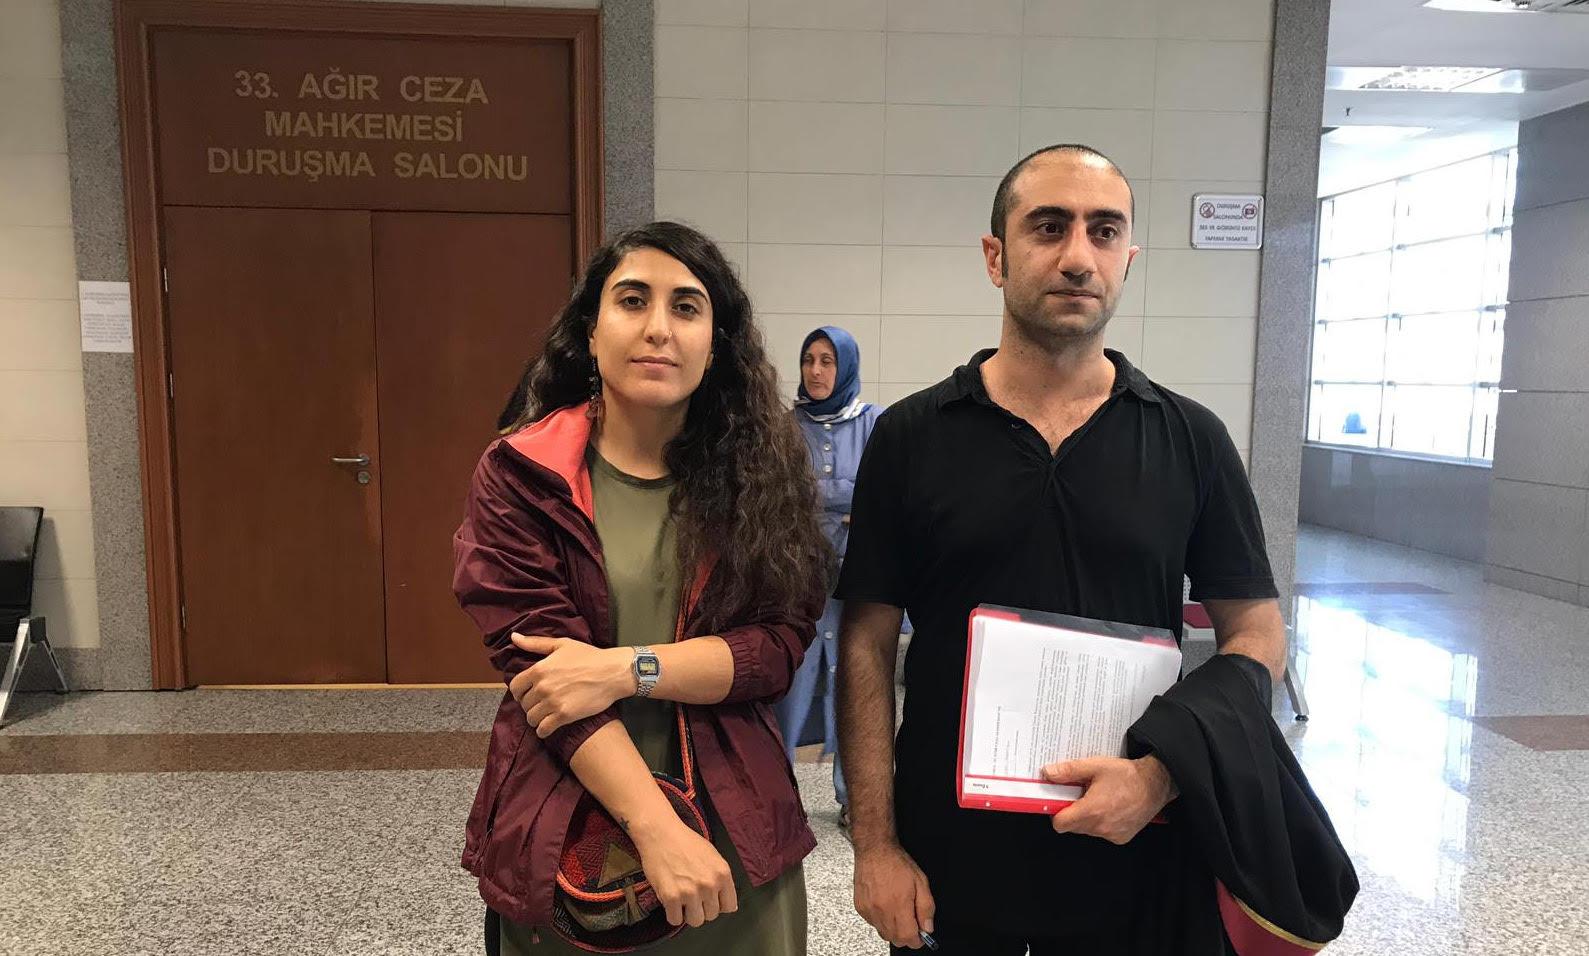 Savcı, Necla Demir için ilk duruşmada ceza talep etti